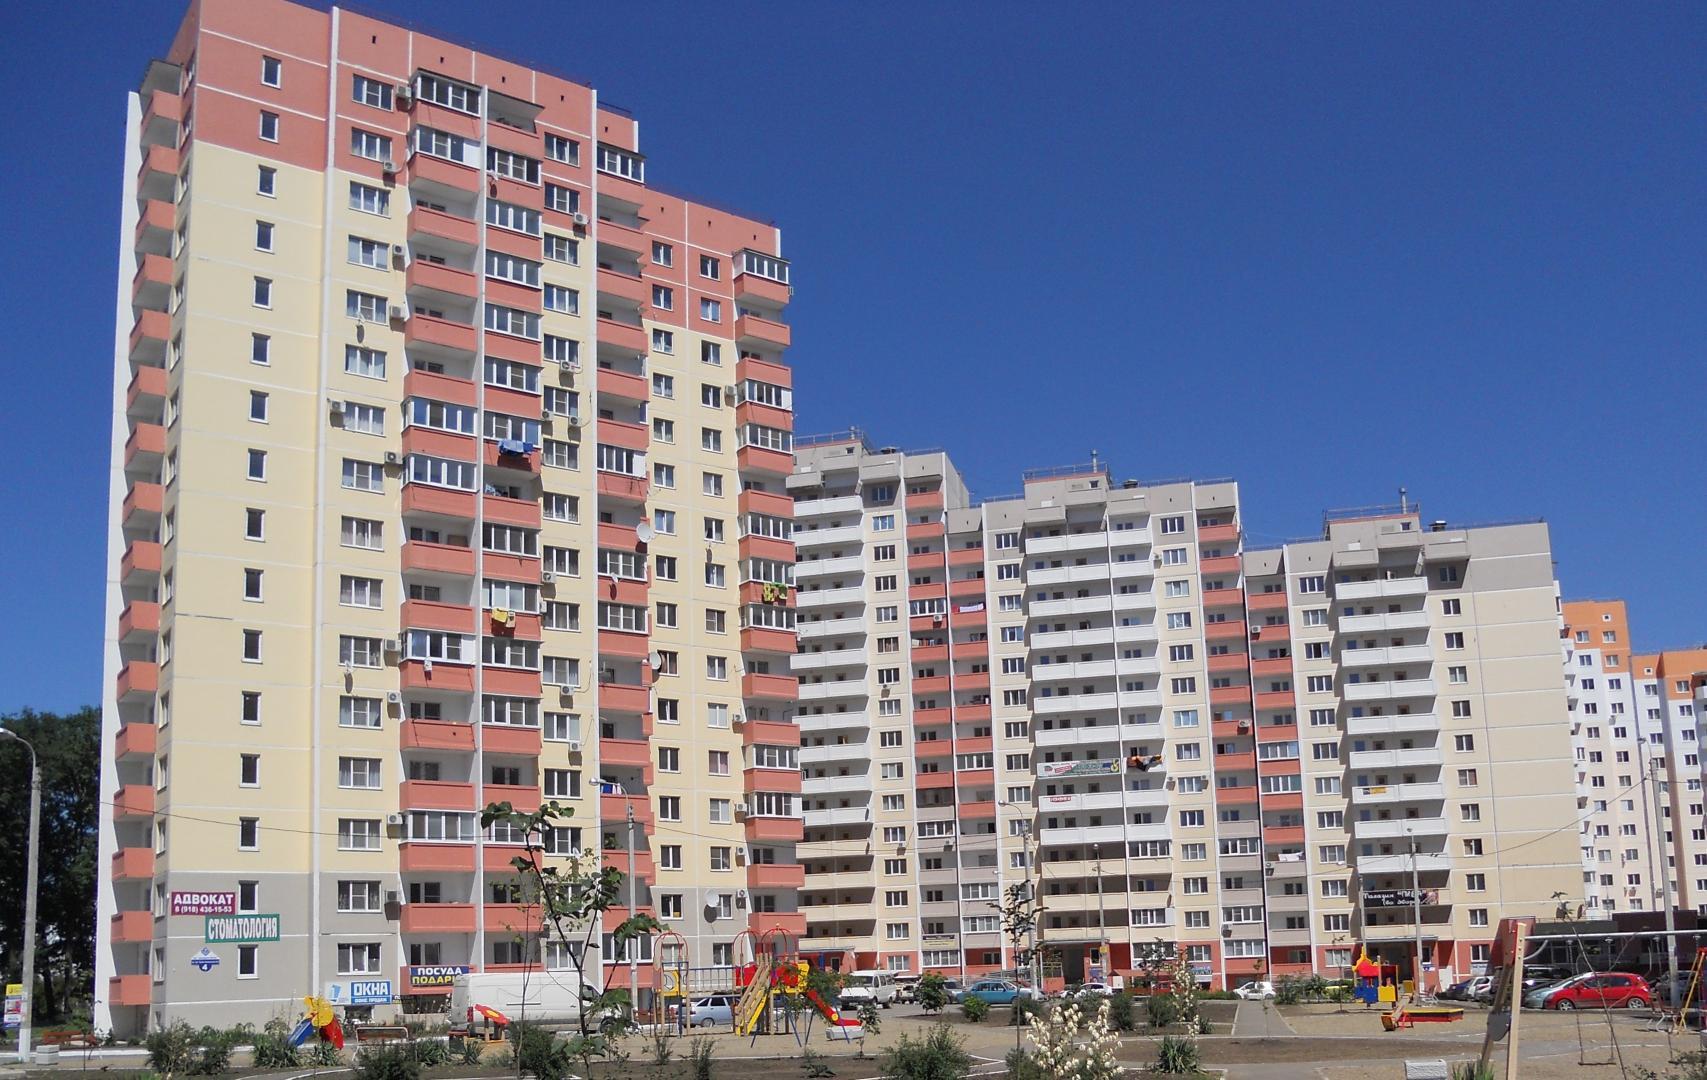 автомобилей город краснодар купить дом район 40 лет победы болезнь